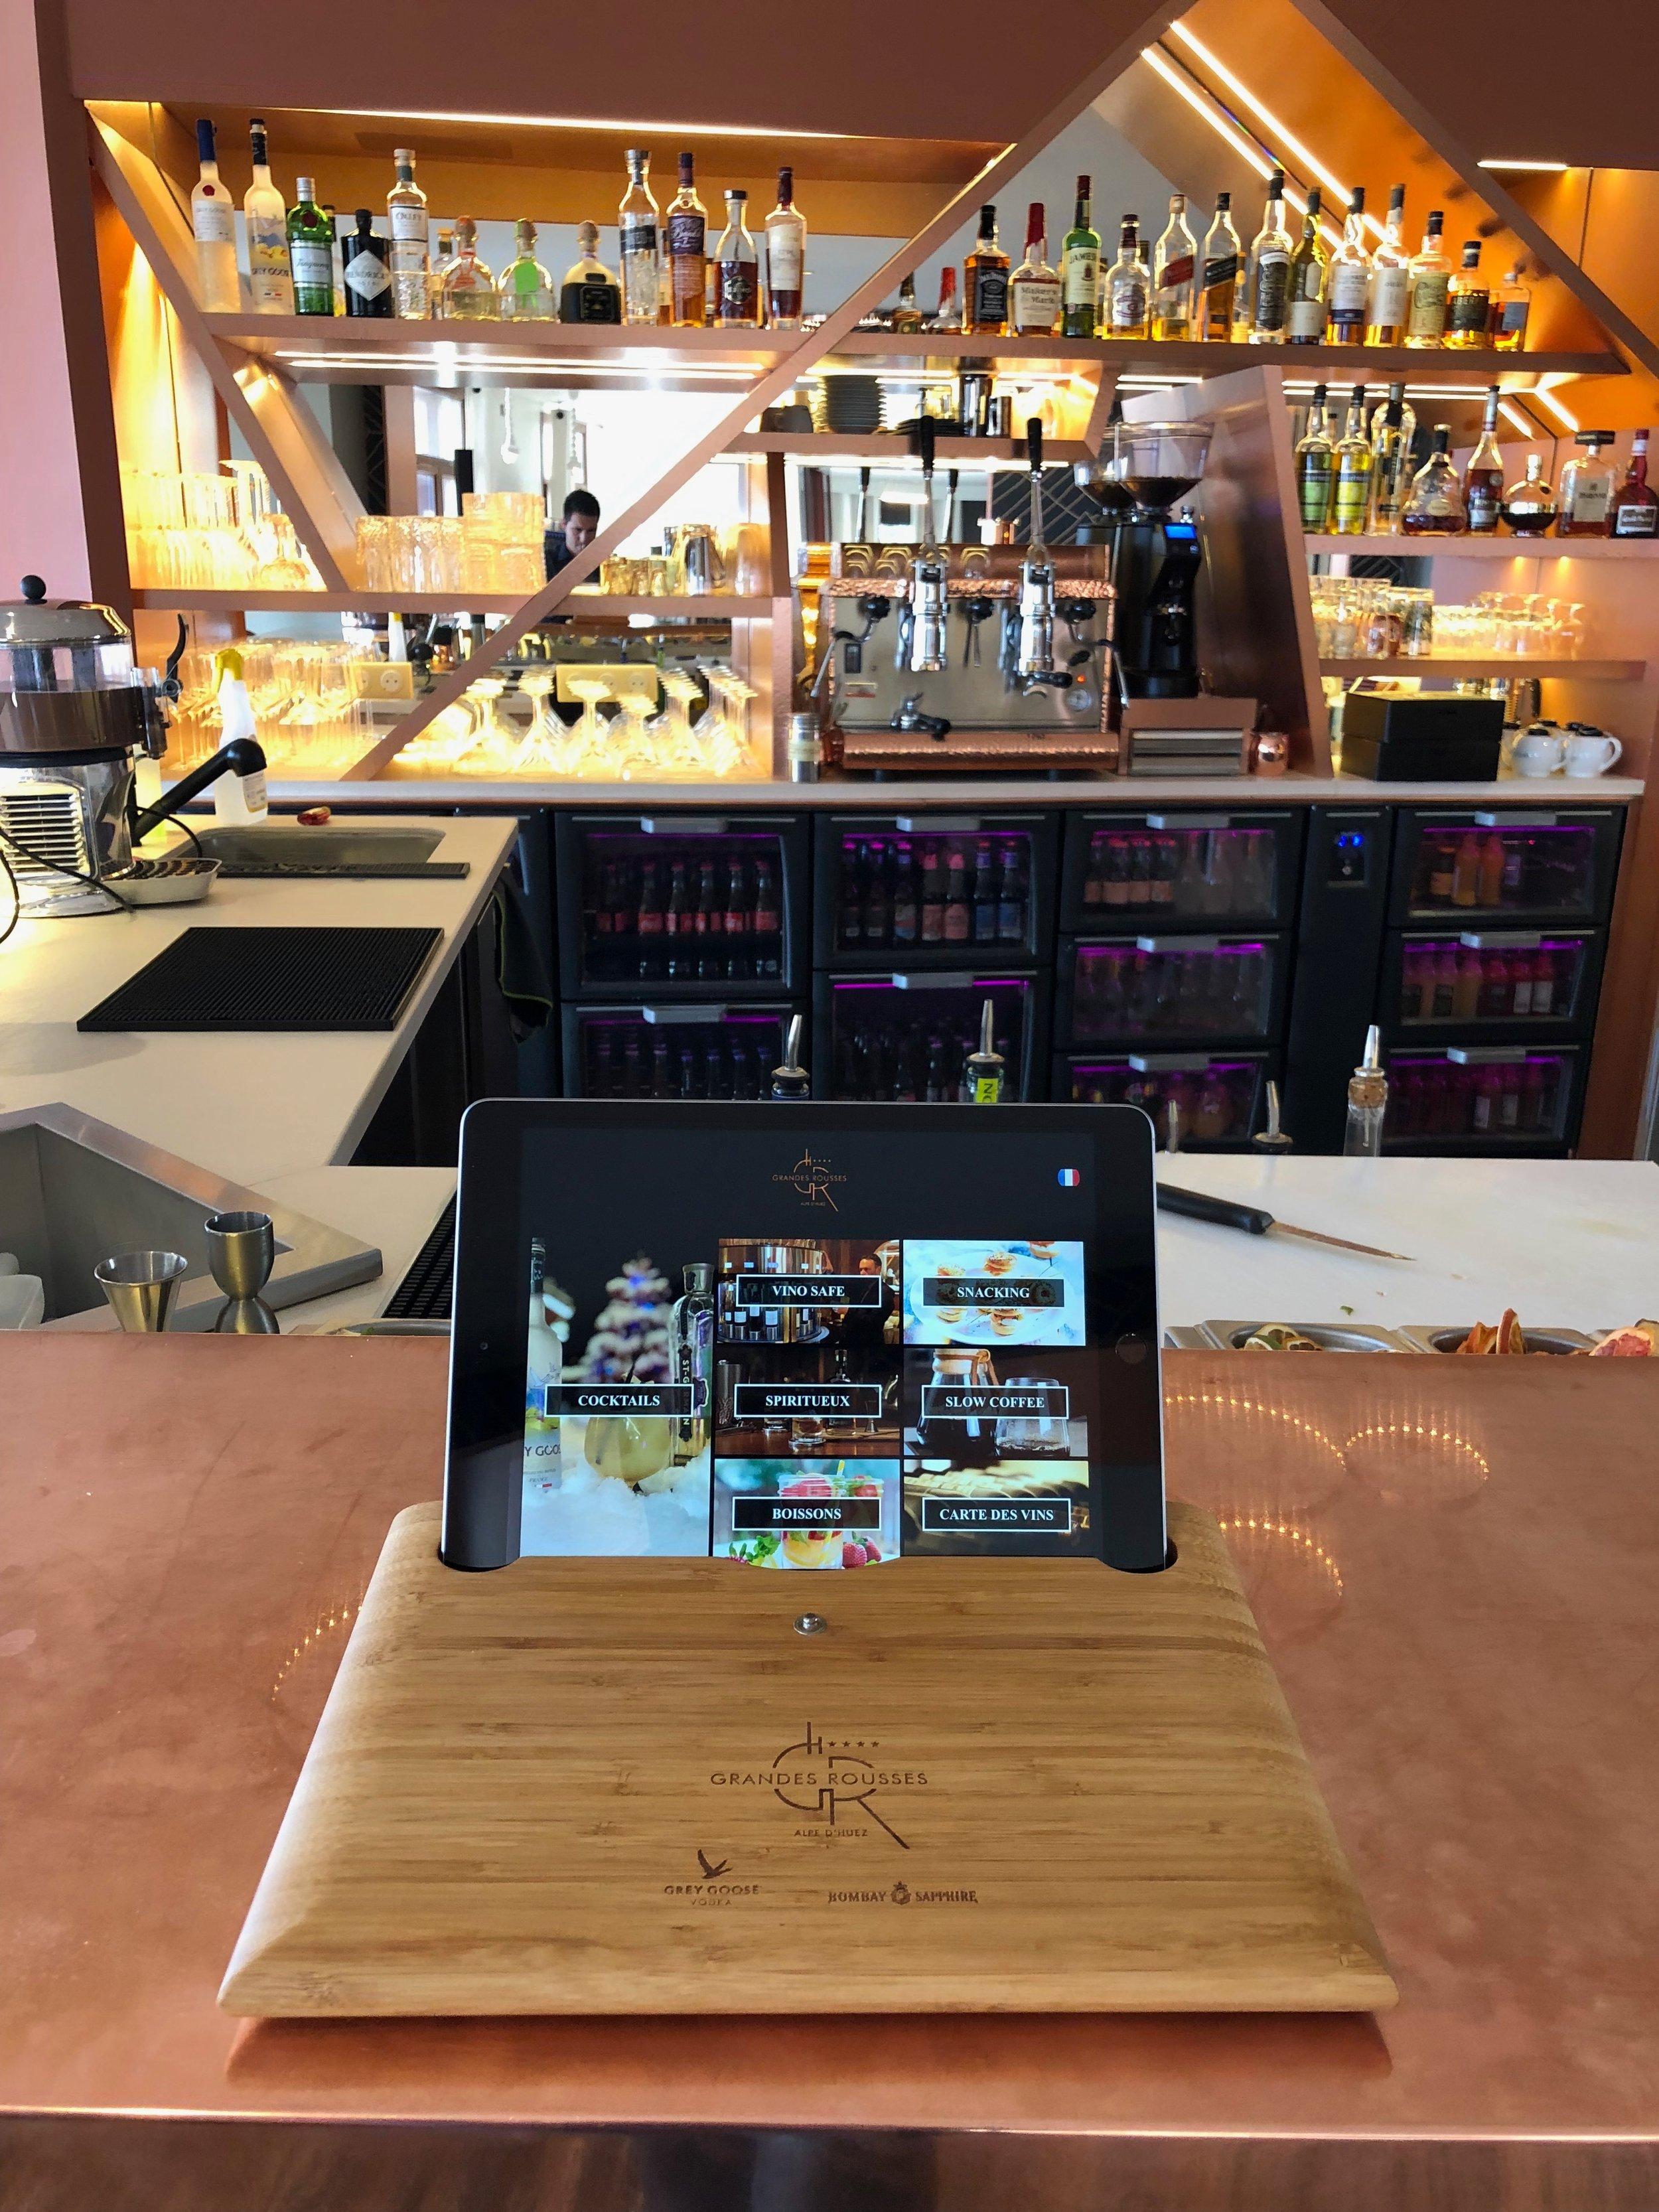 Hotel Grandes Rousses Alpe Huez menus sur tablettes tactiles